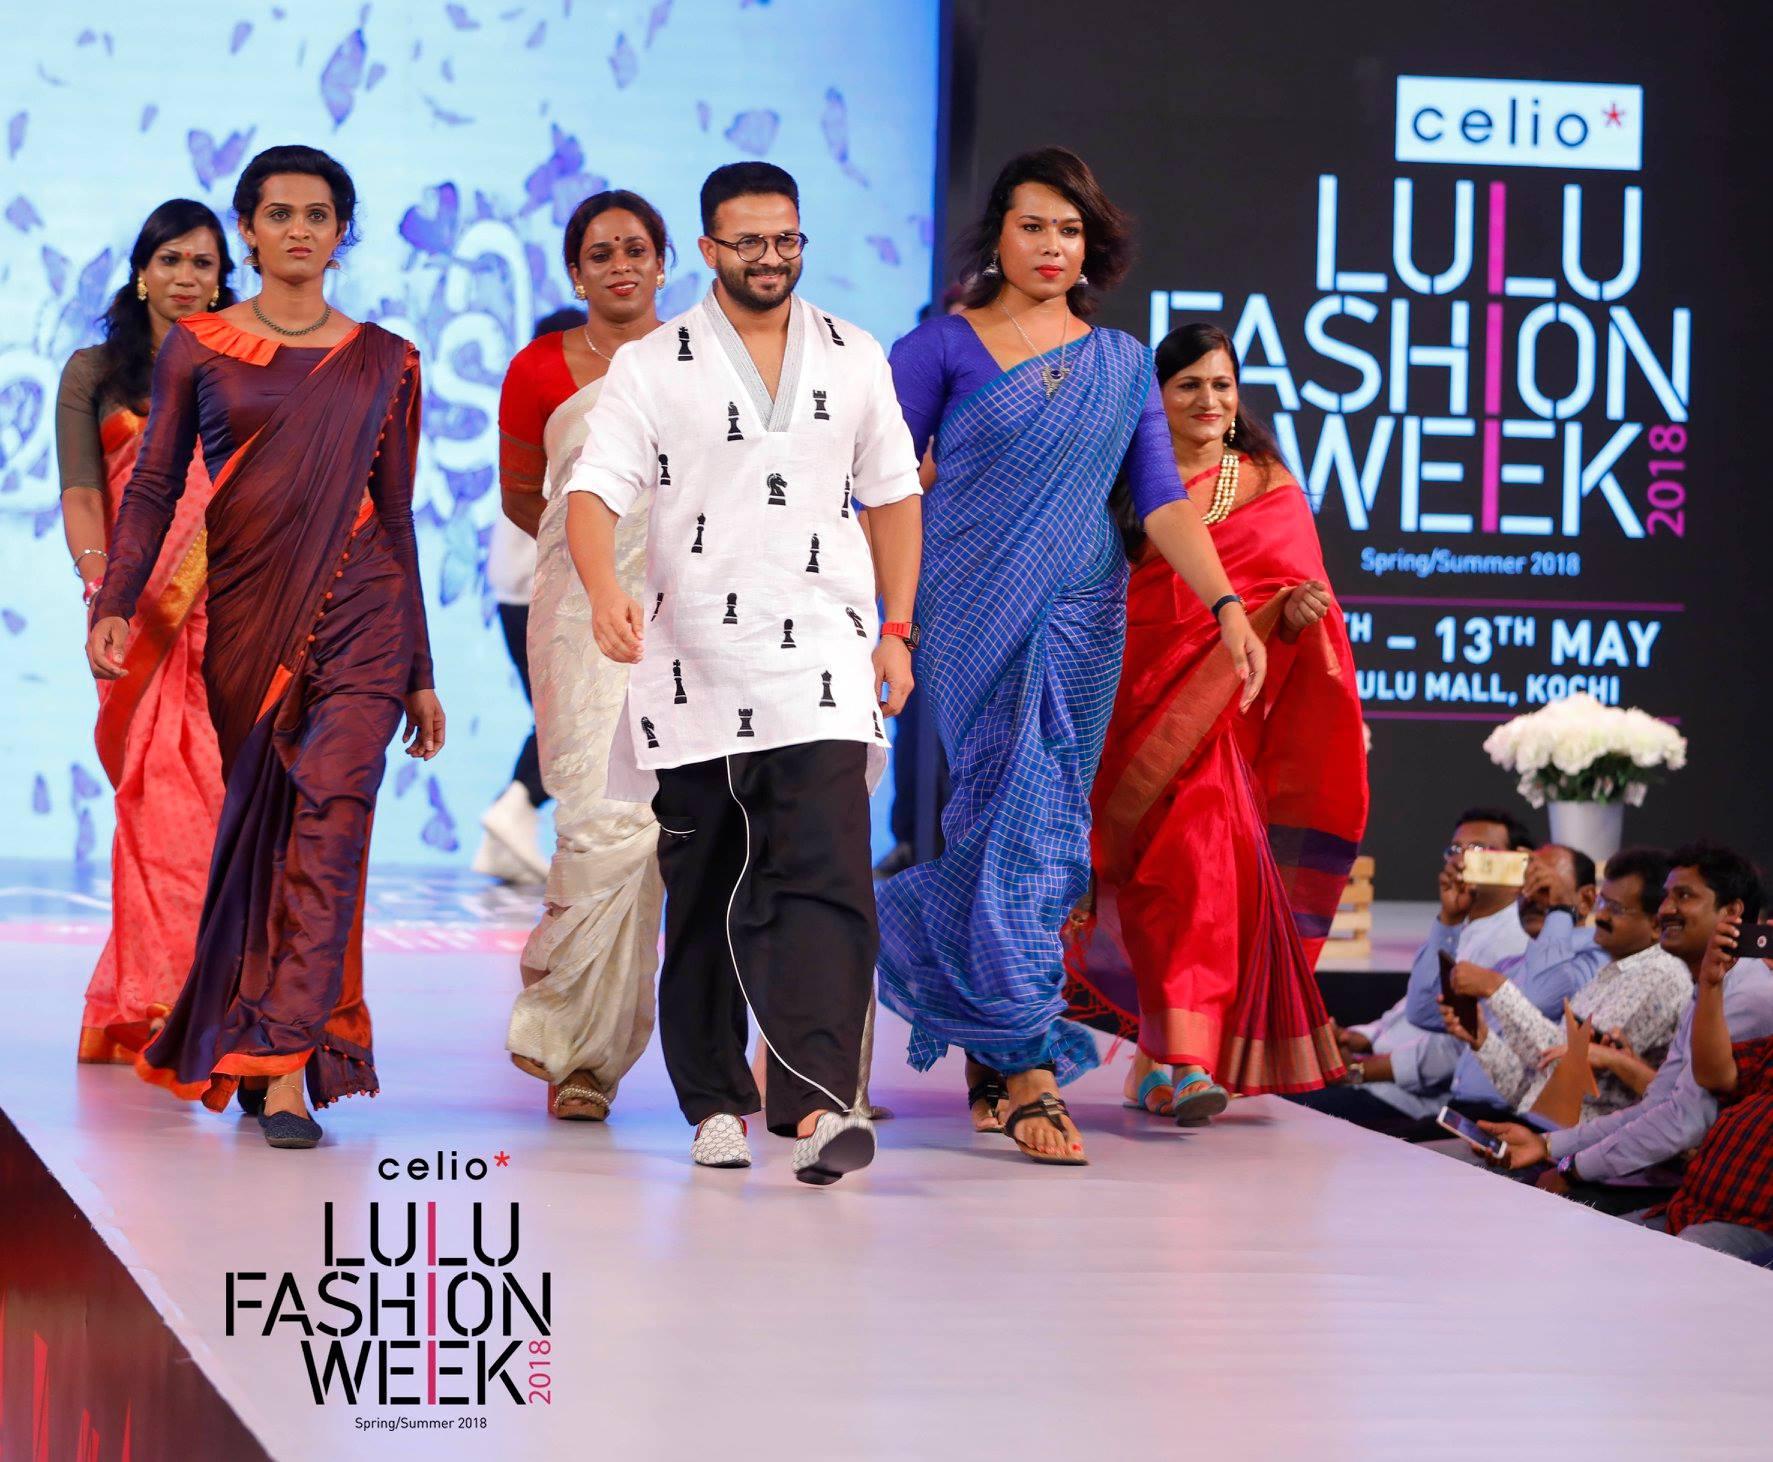 lulu fashion week 2018 photos  33